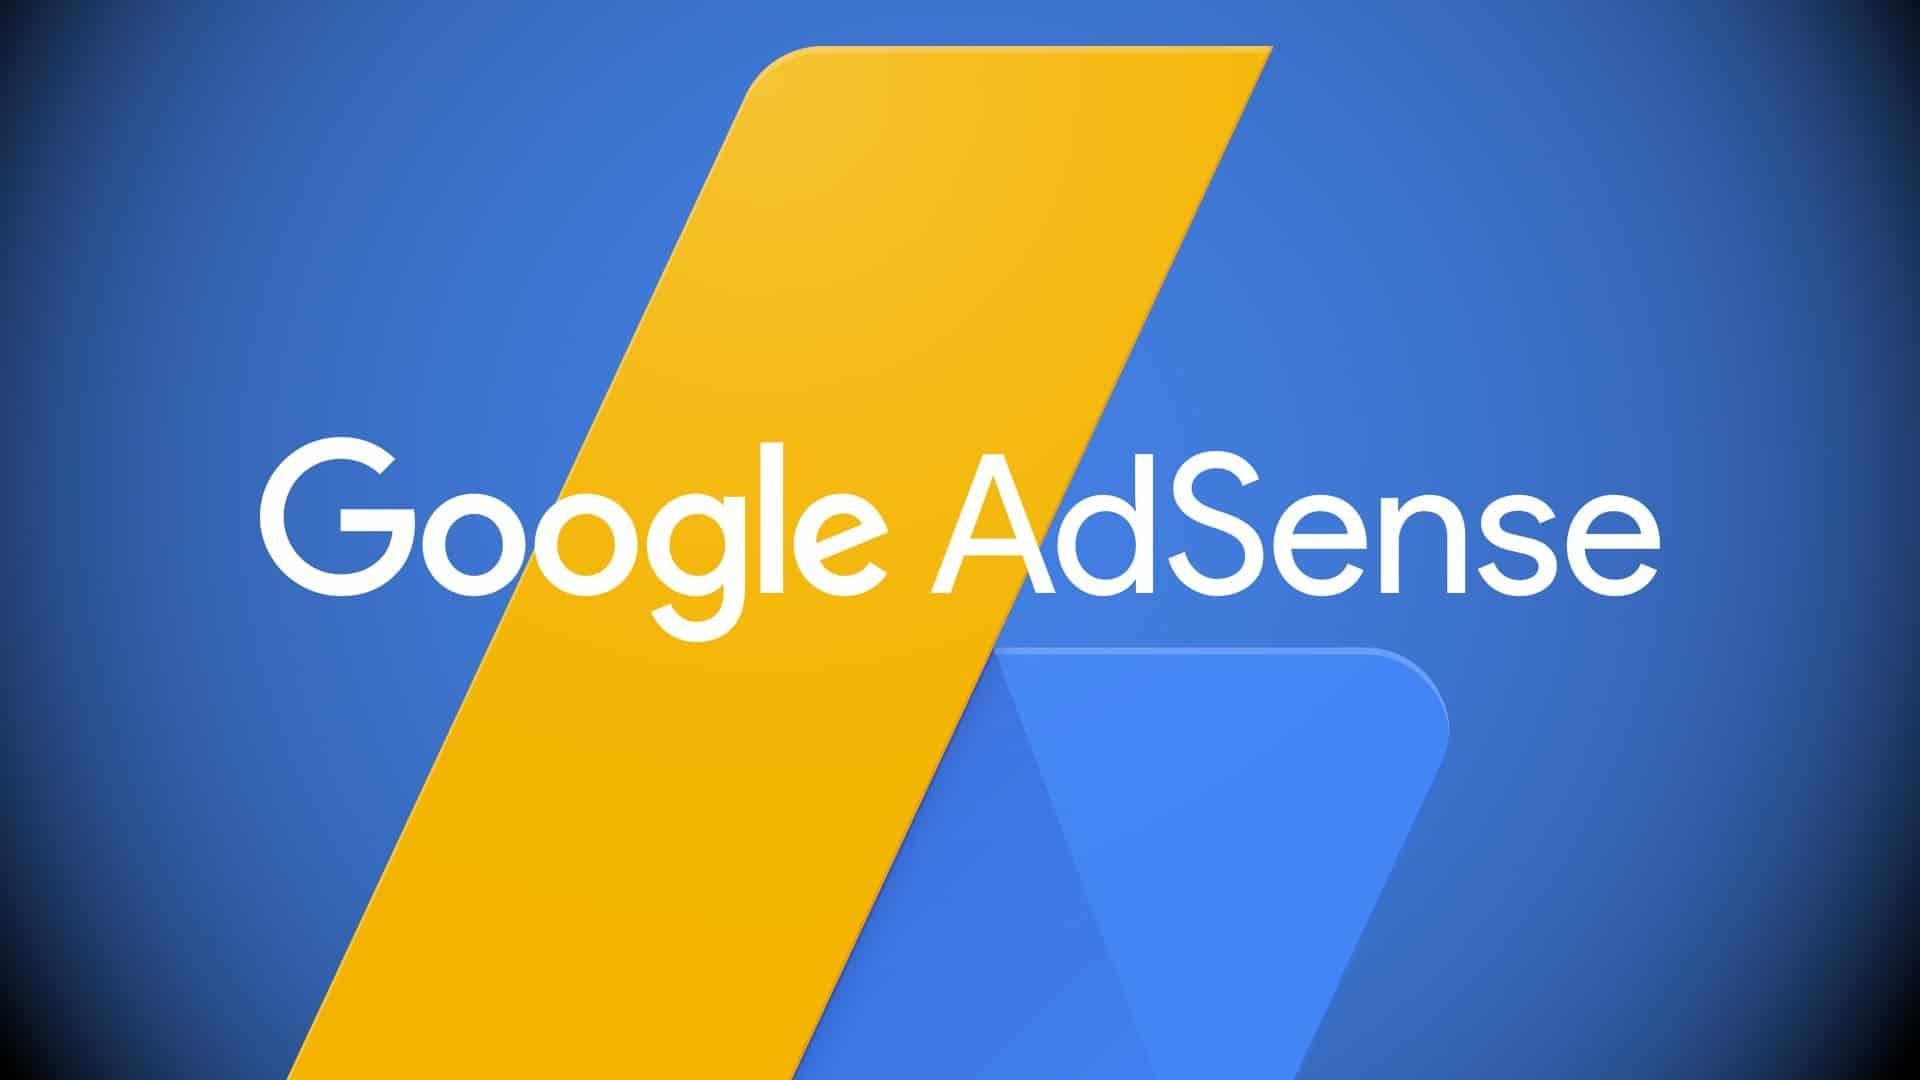 كيفية زيادة أرباح جوجل أدسنس